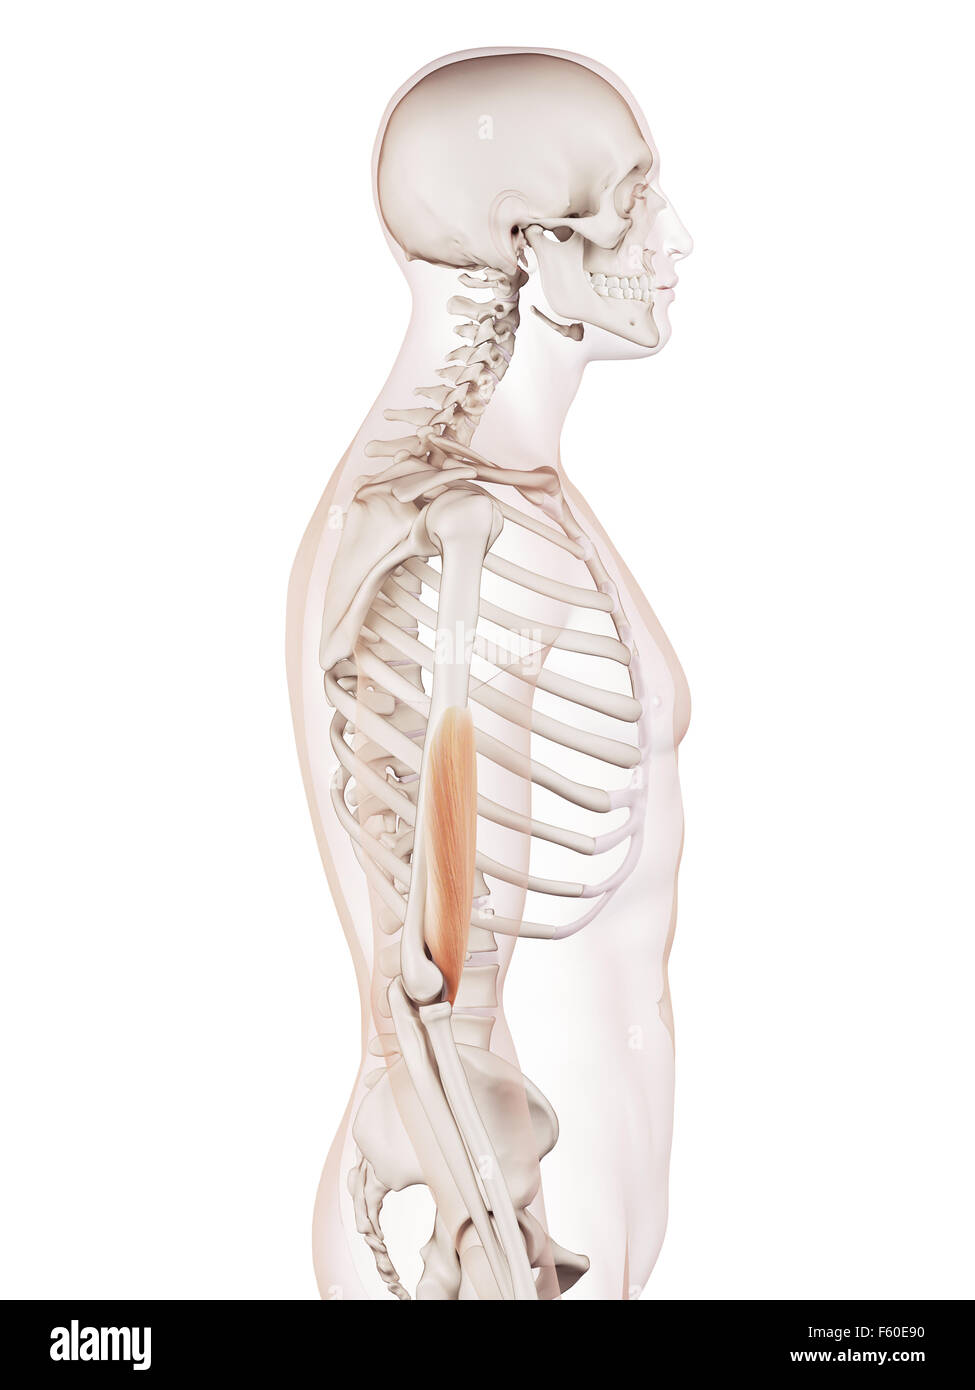 Niedlich Organe Von Körperbild Ideen - Anatomie Ideen - finotti.info